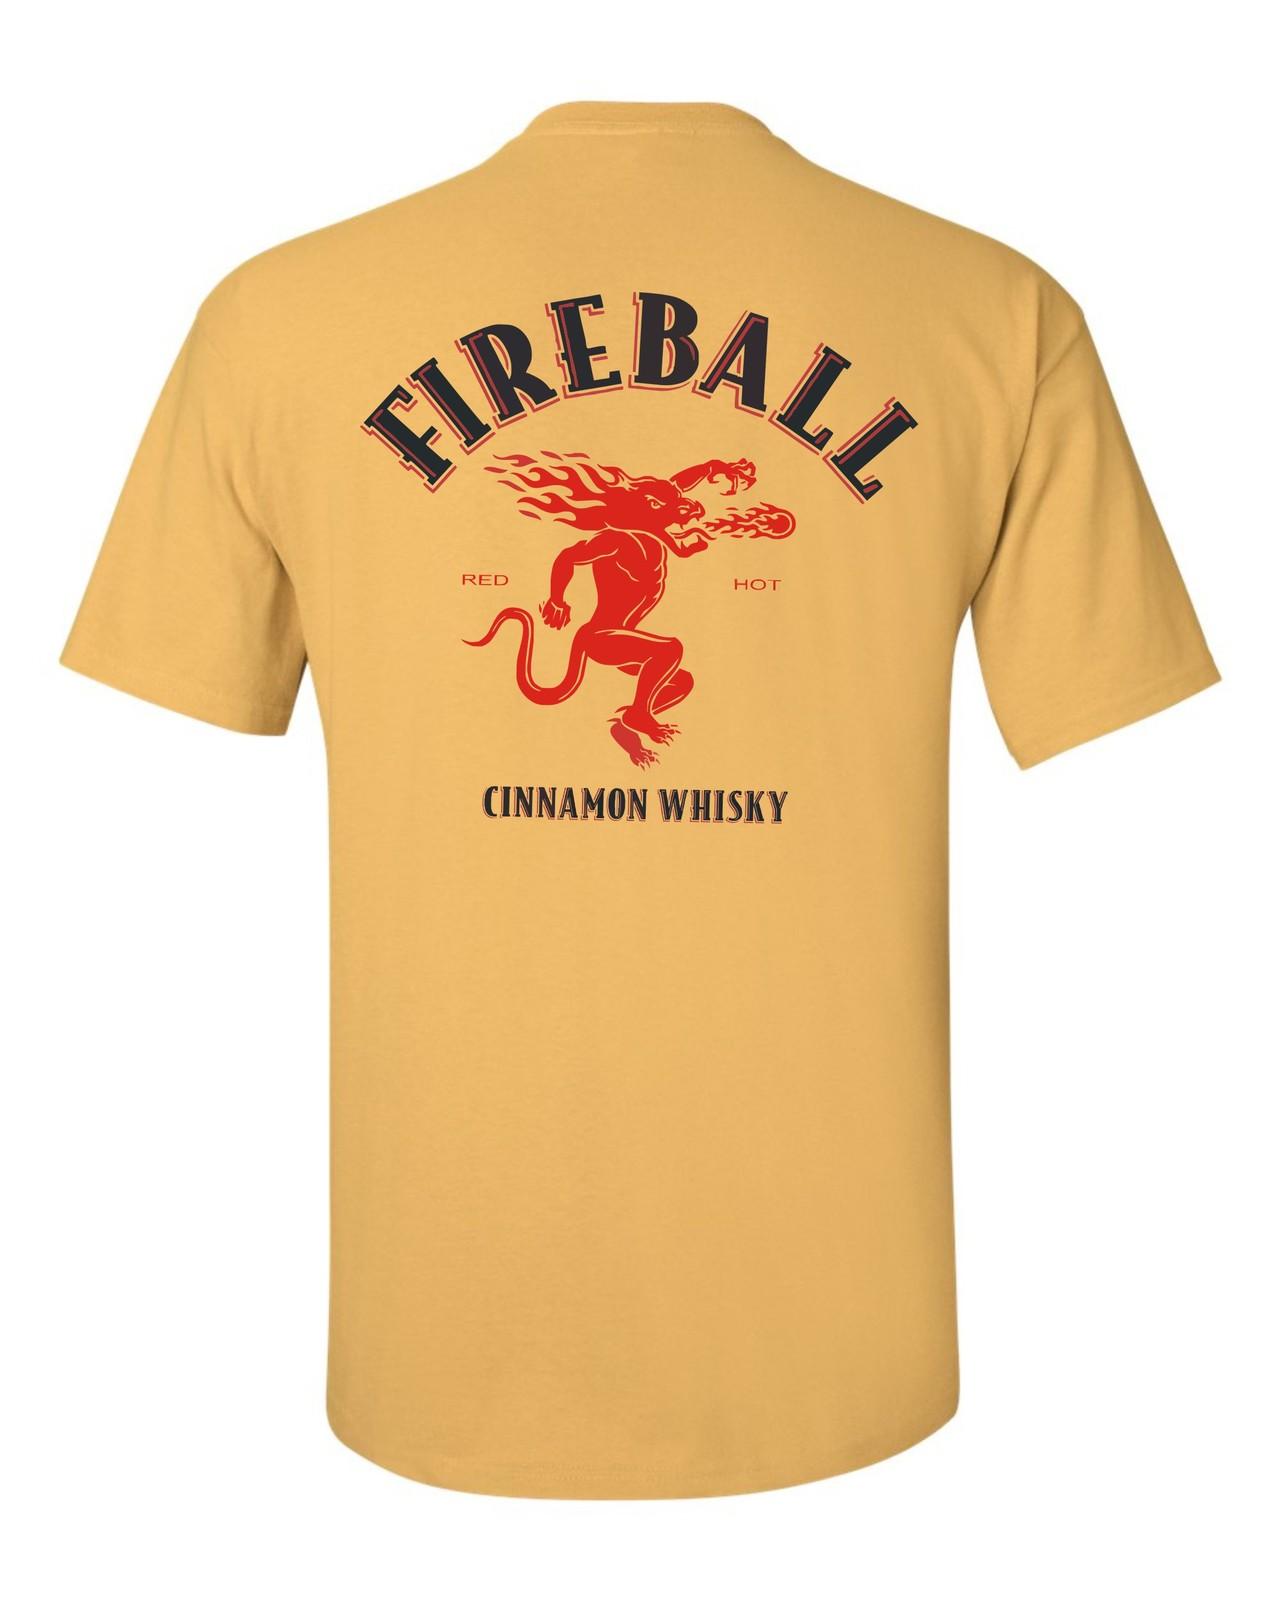 Fireball yellow back